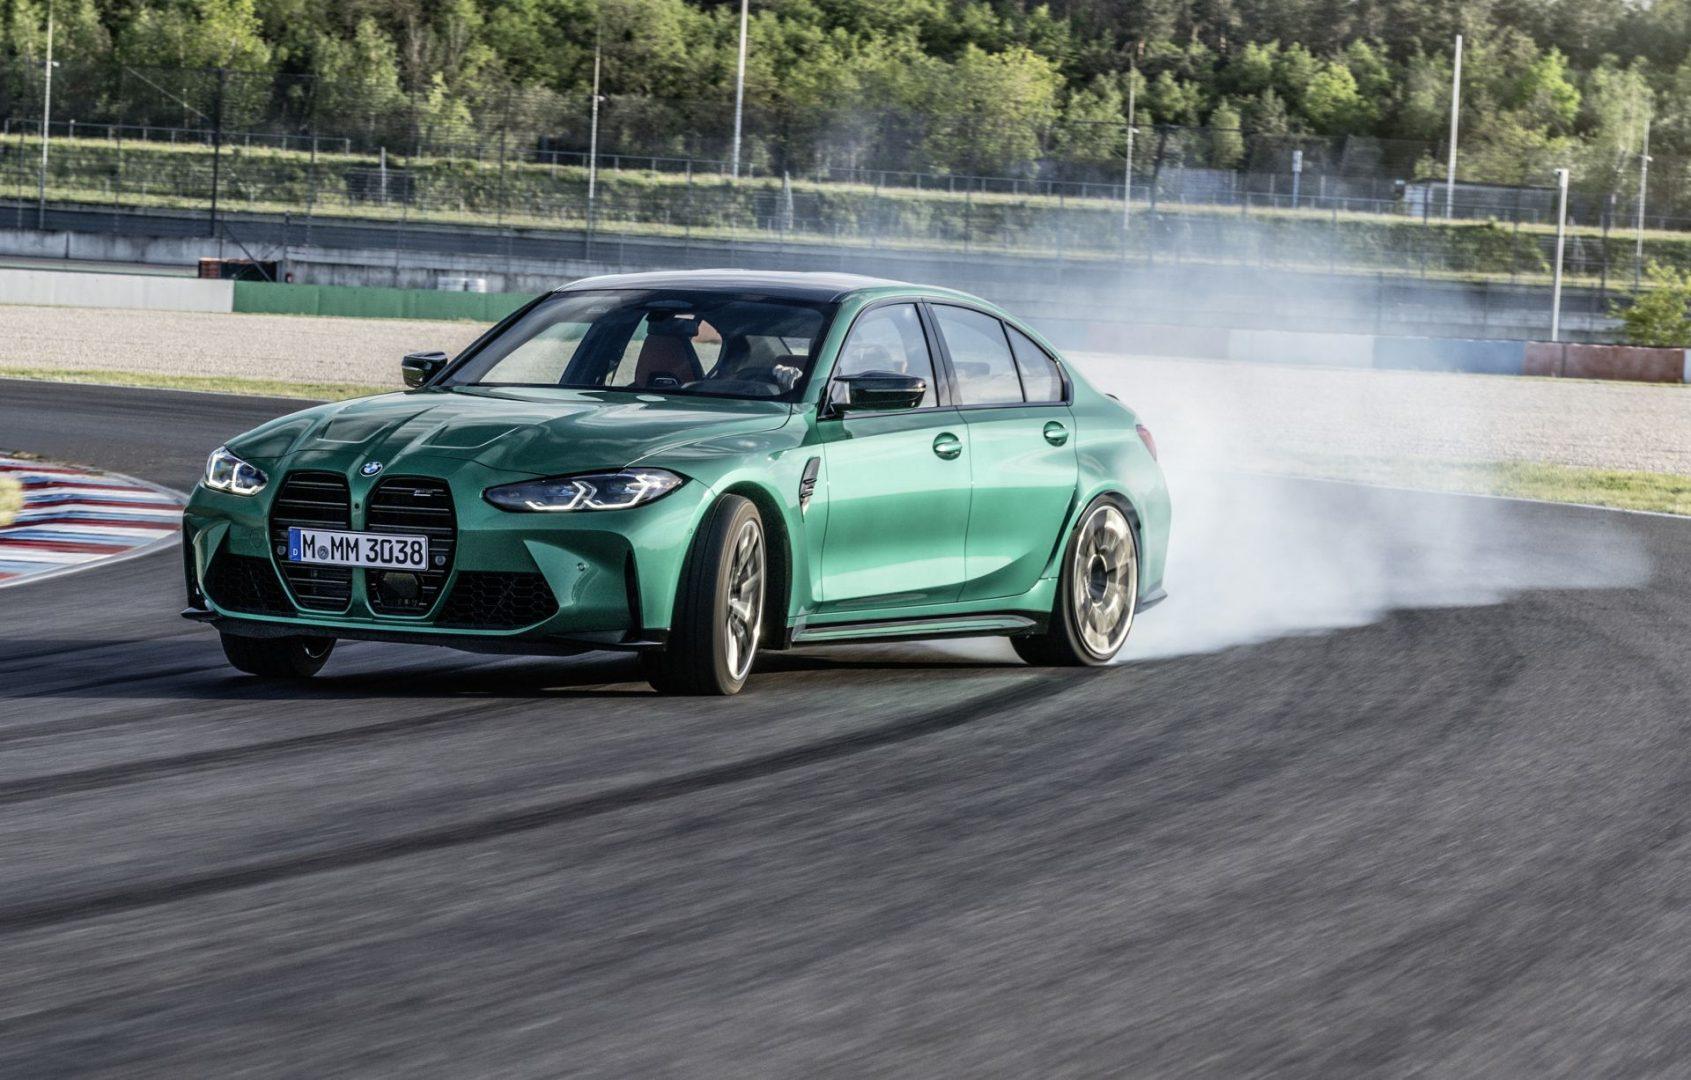 Novi BMW M3 i M4 s dvije razine snage, dva mjenjača i pogonom na sve kotače